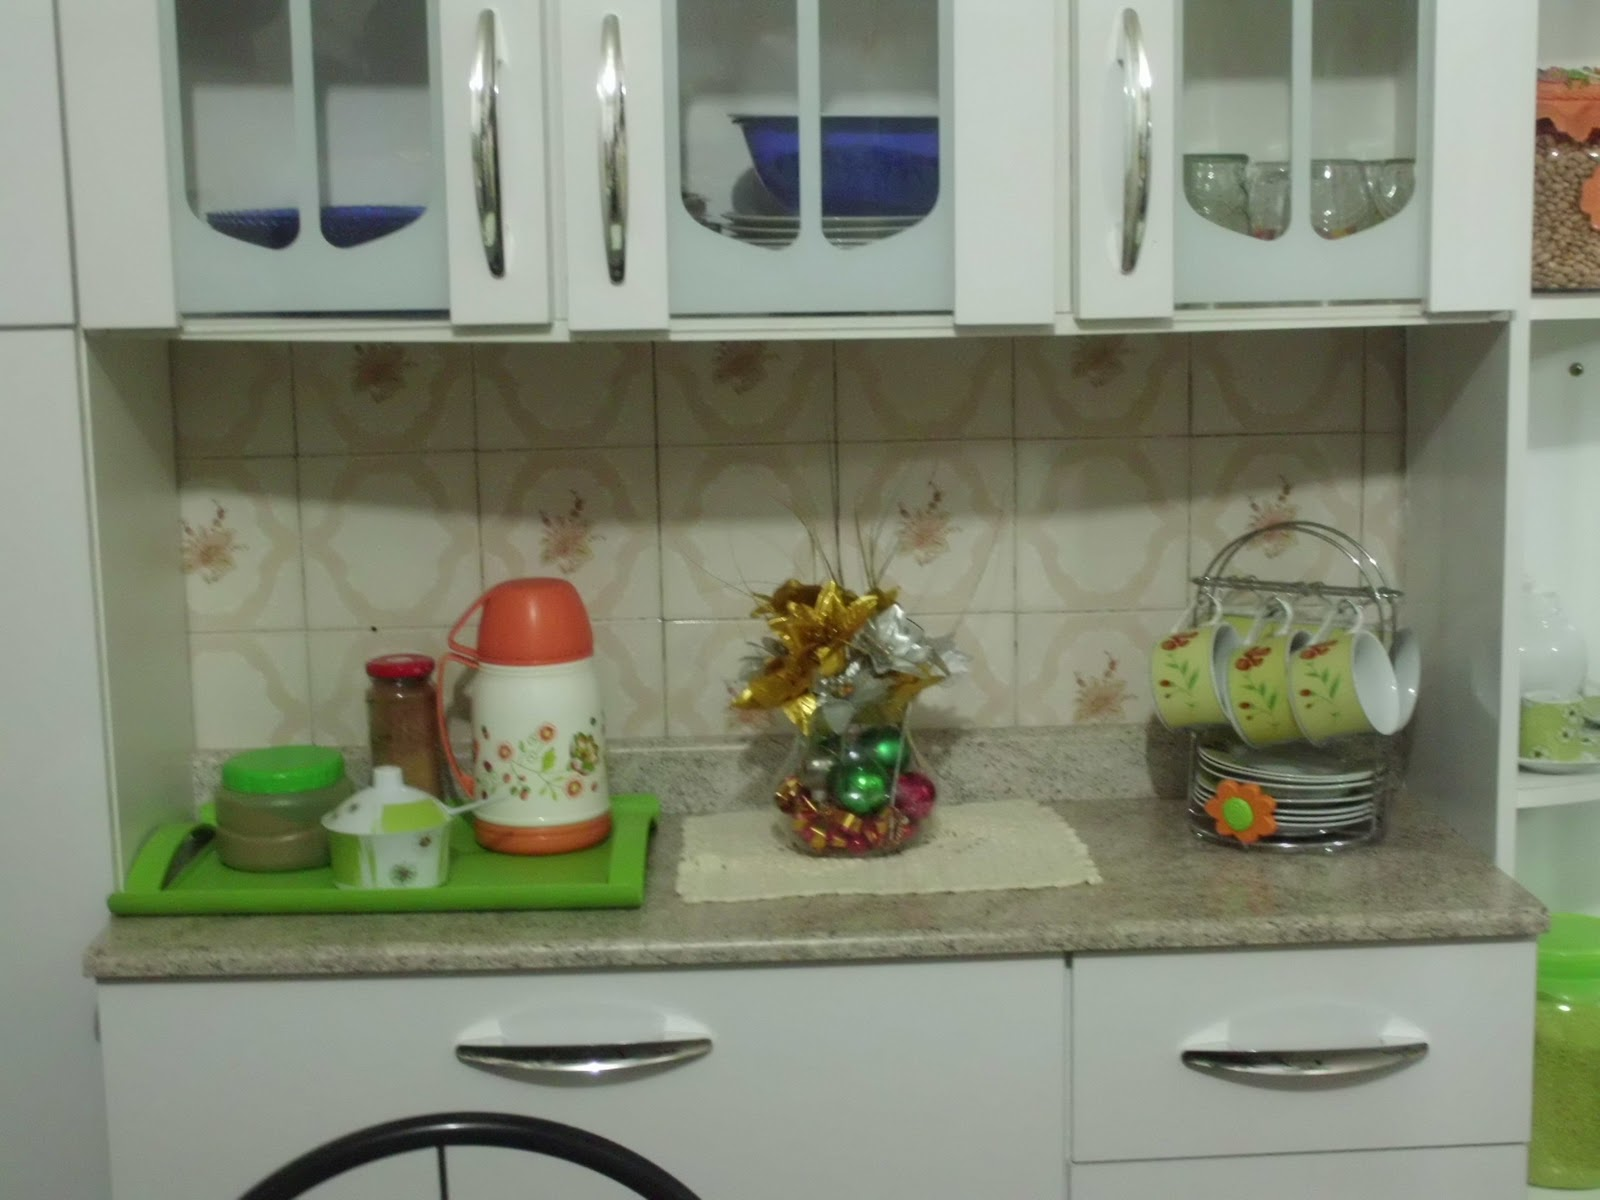 reforma na cozinha Deus vai me dando idéias,espero que tenham gostado